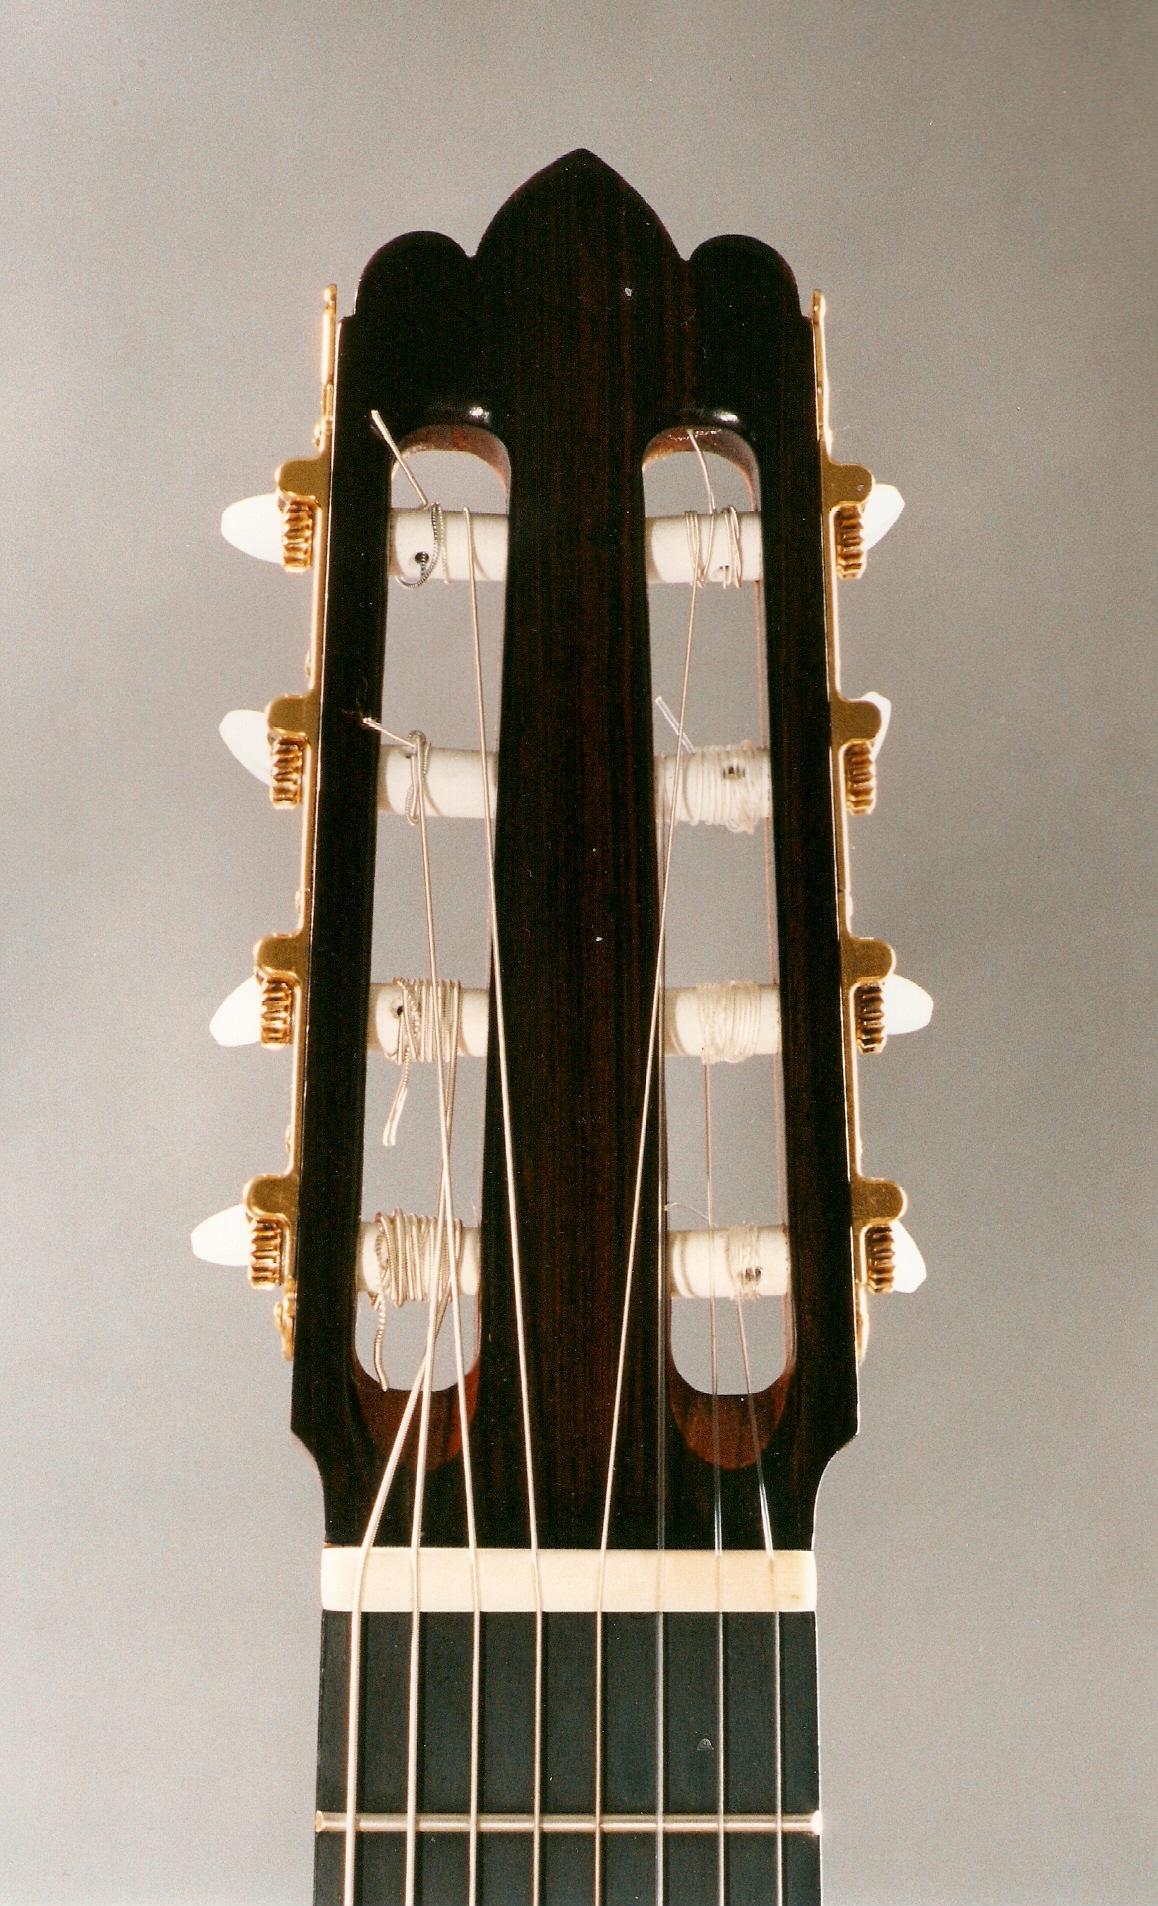 Requinto Gitarının kafa fotoğrafı, Rodolfo Cucculelli Luthierler